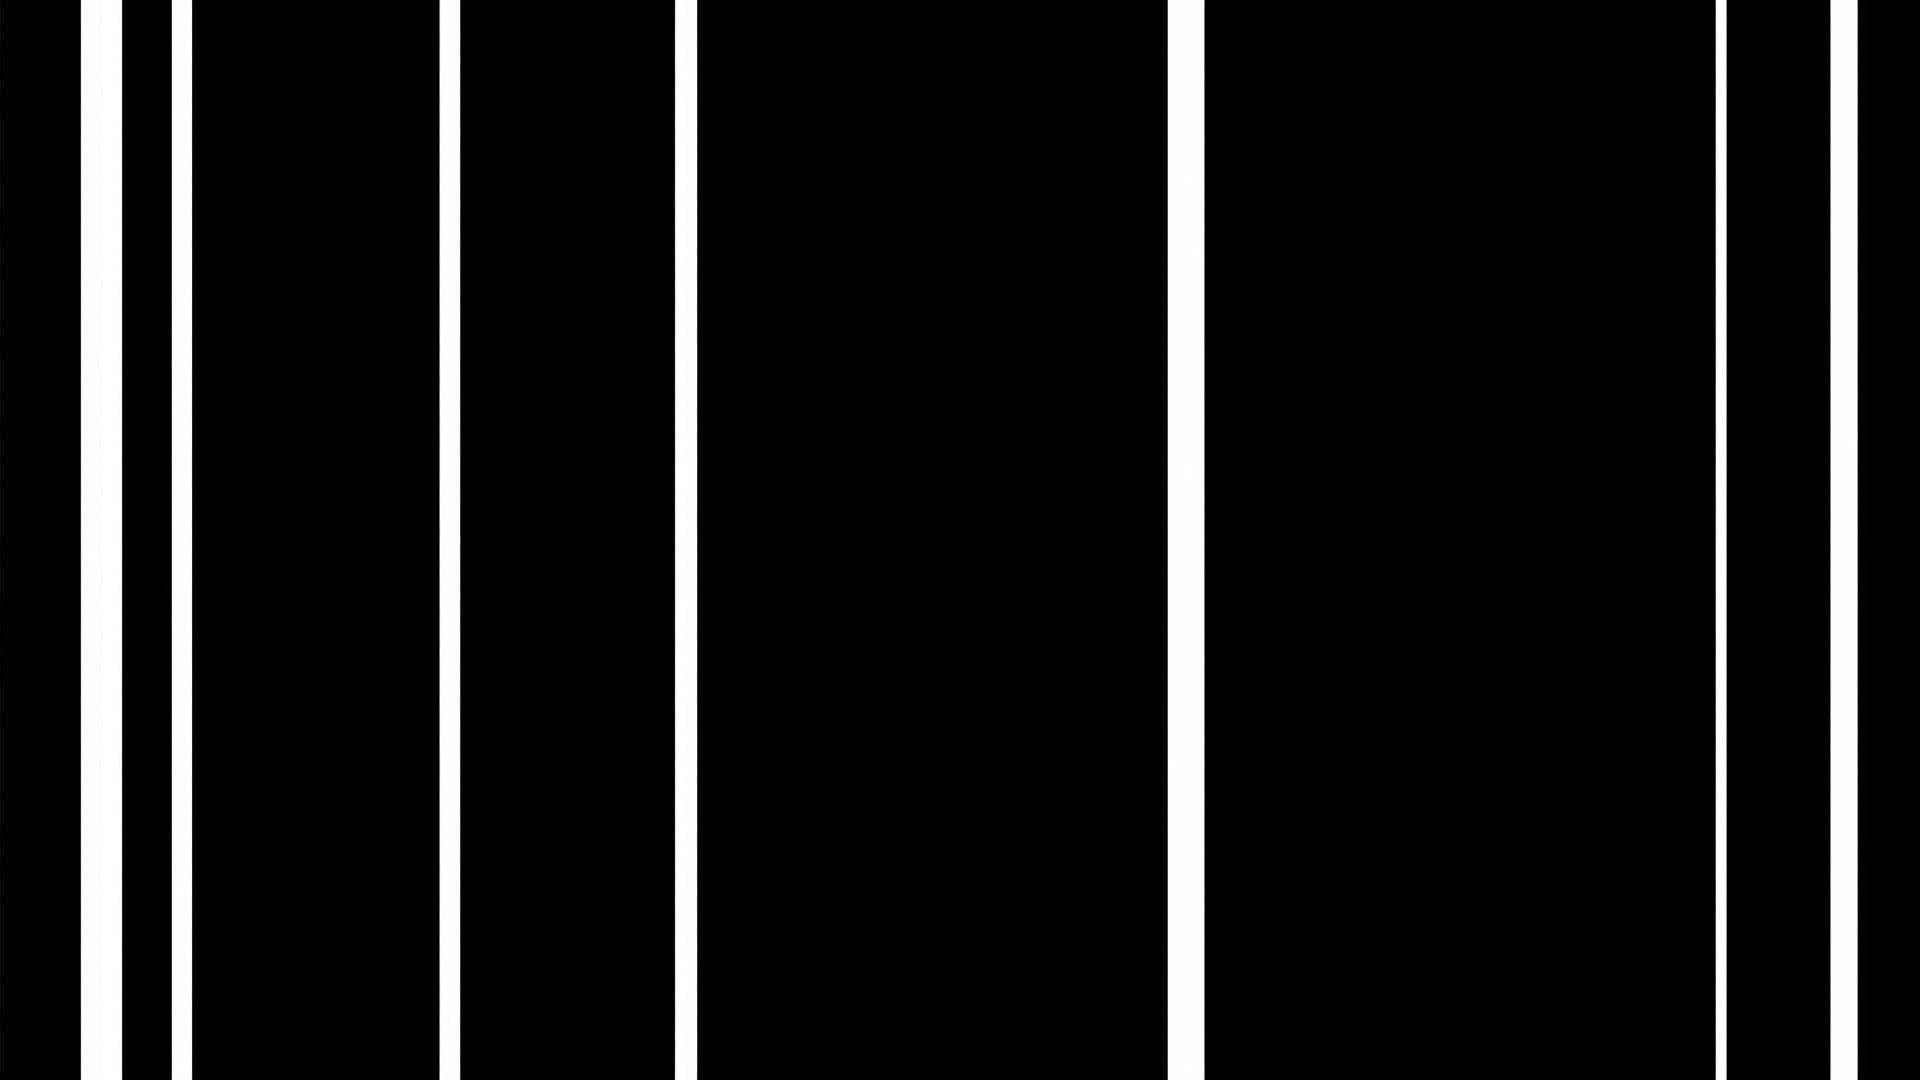 Как сделать белые полосы на фото сверху и снизу